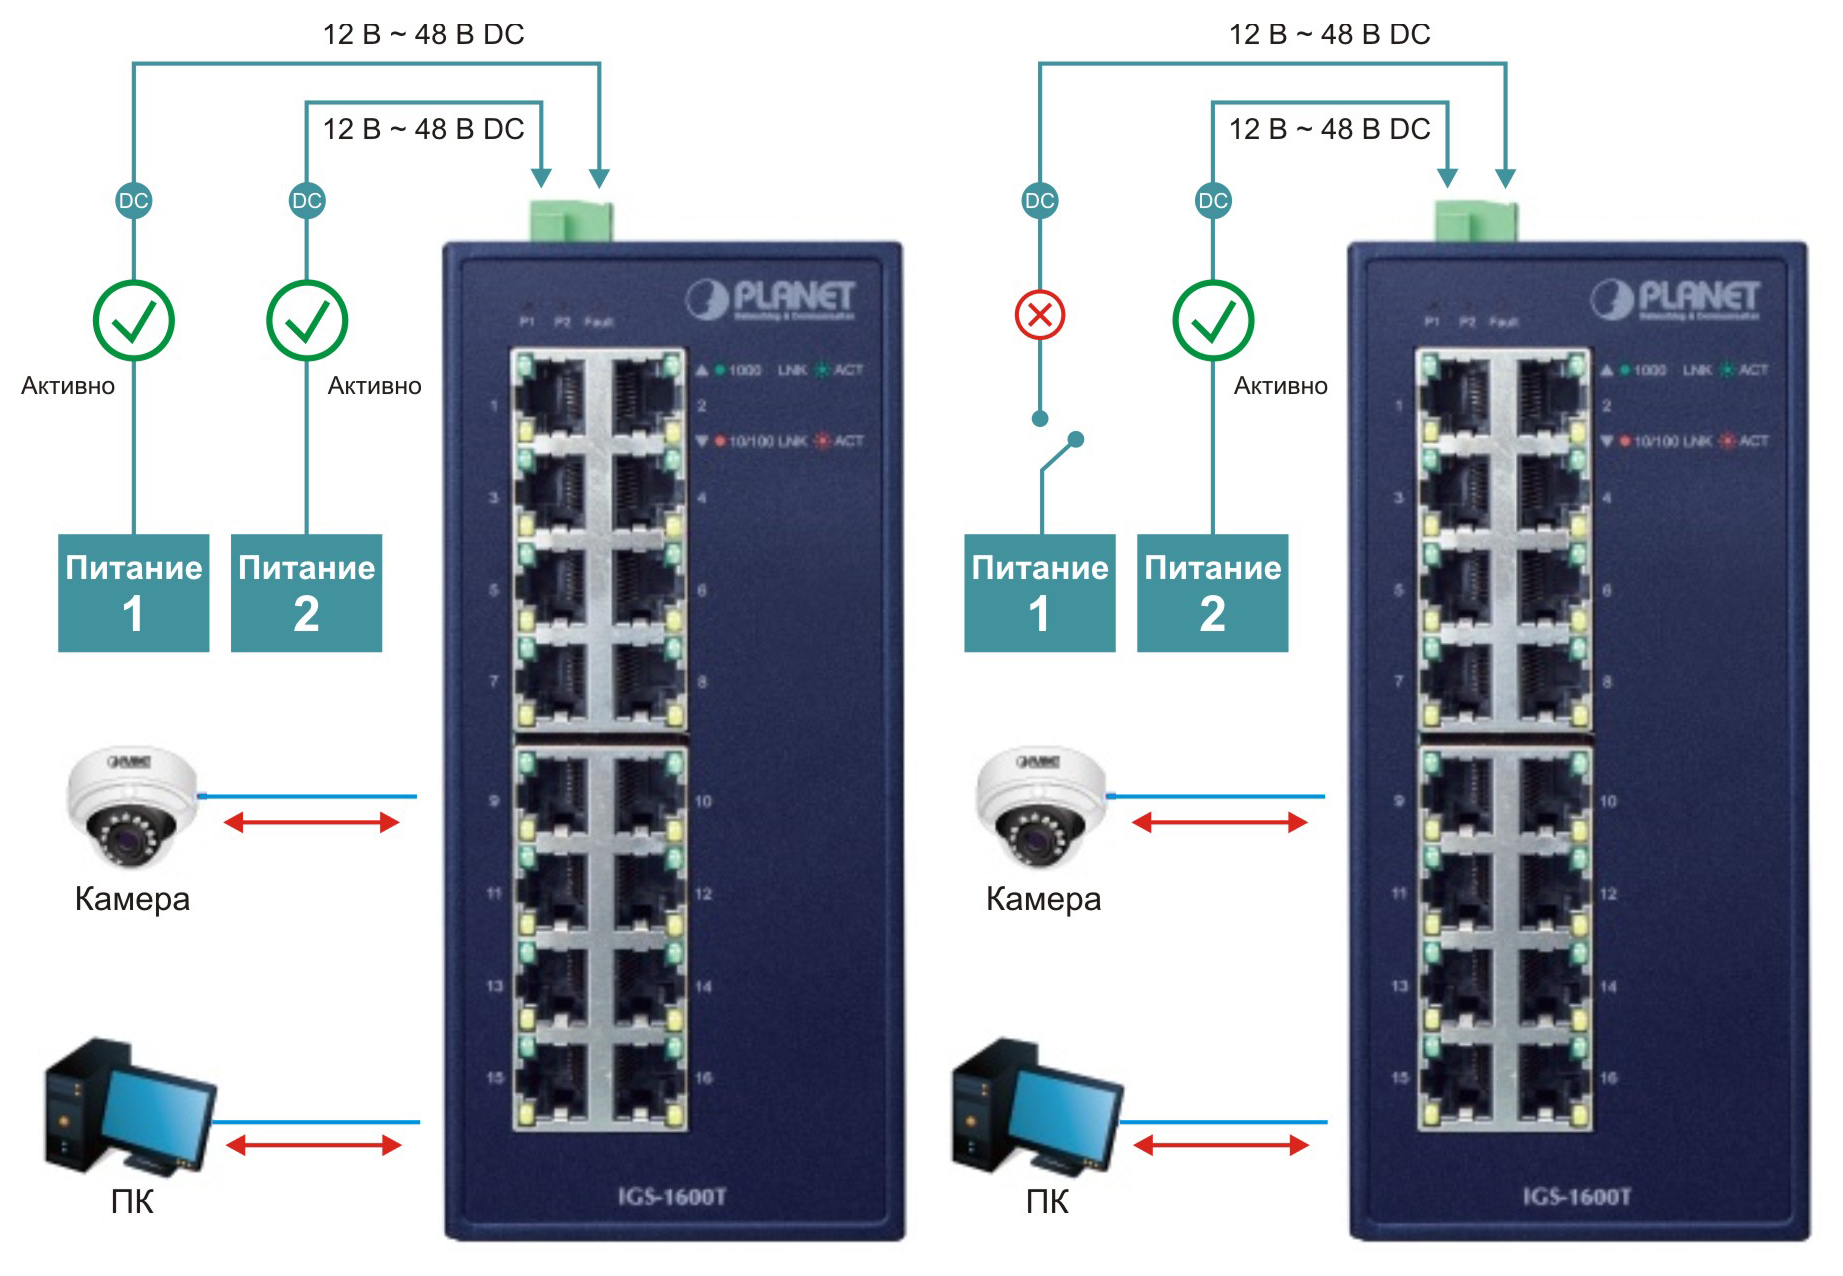 IGS-1600T — промышленный неуправляемый коммутатор со скоростью передачи данных до 1 Гбит/с